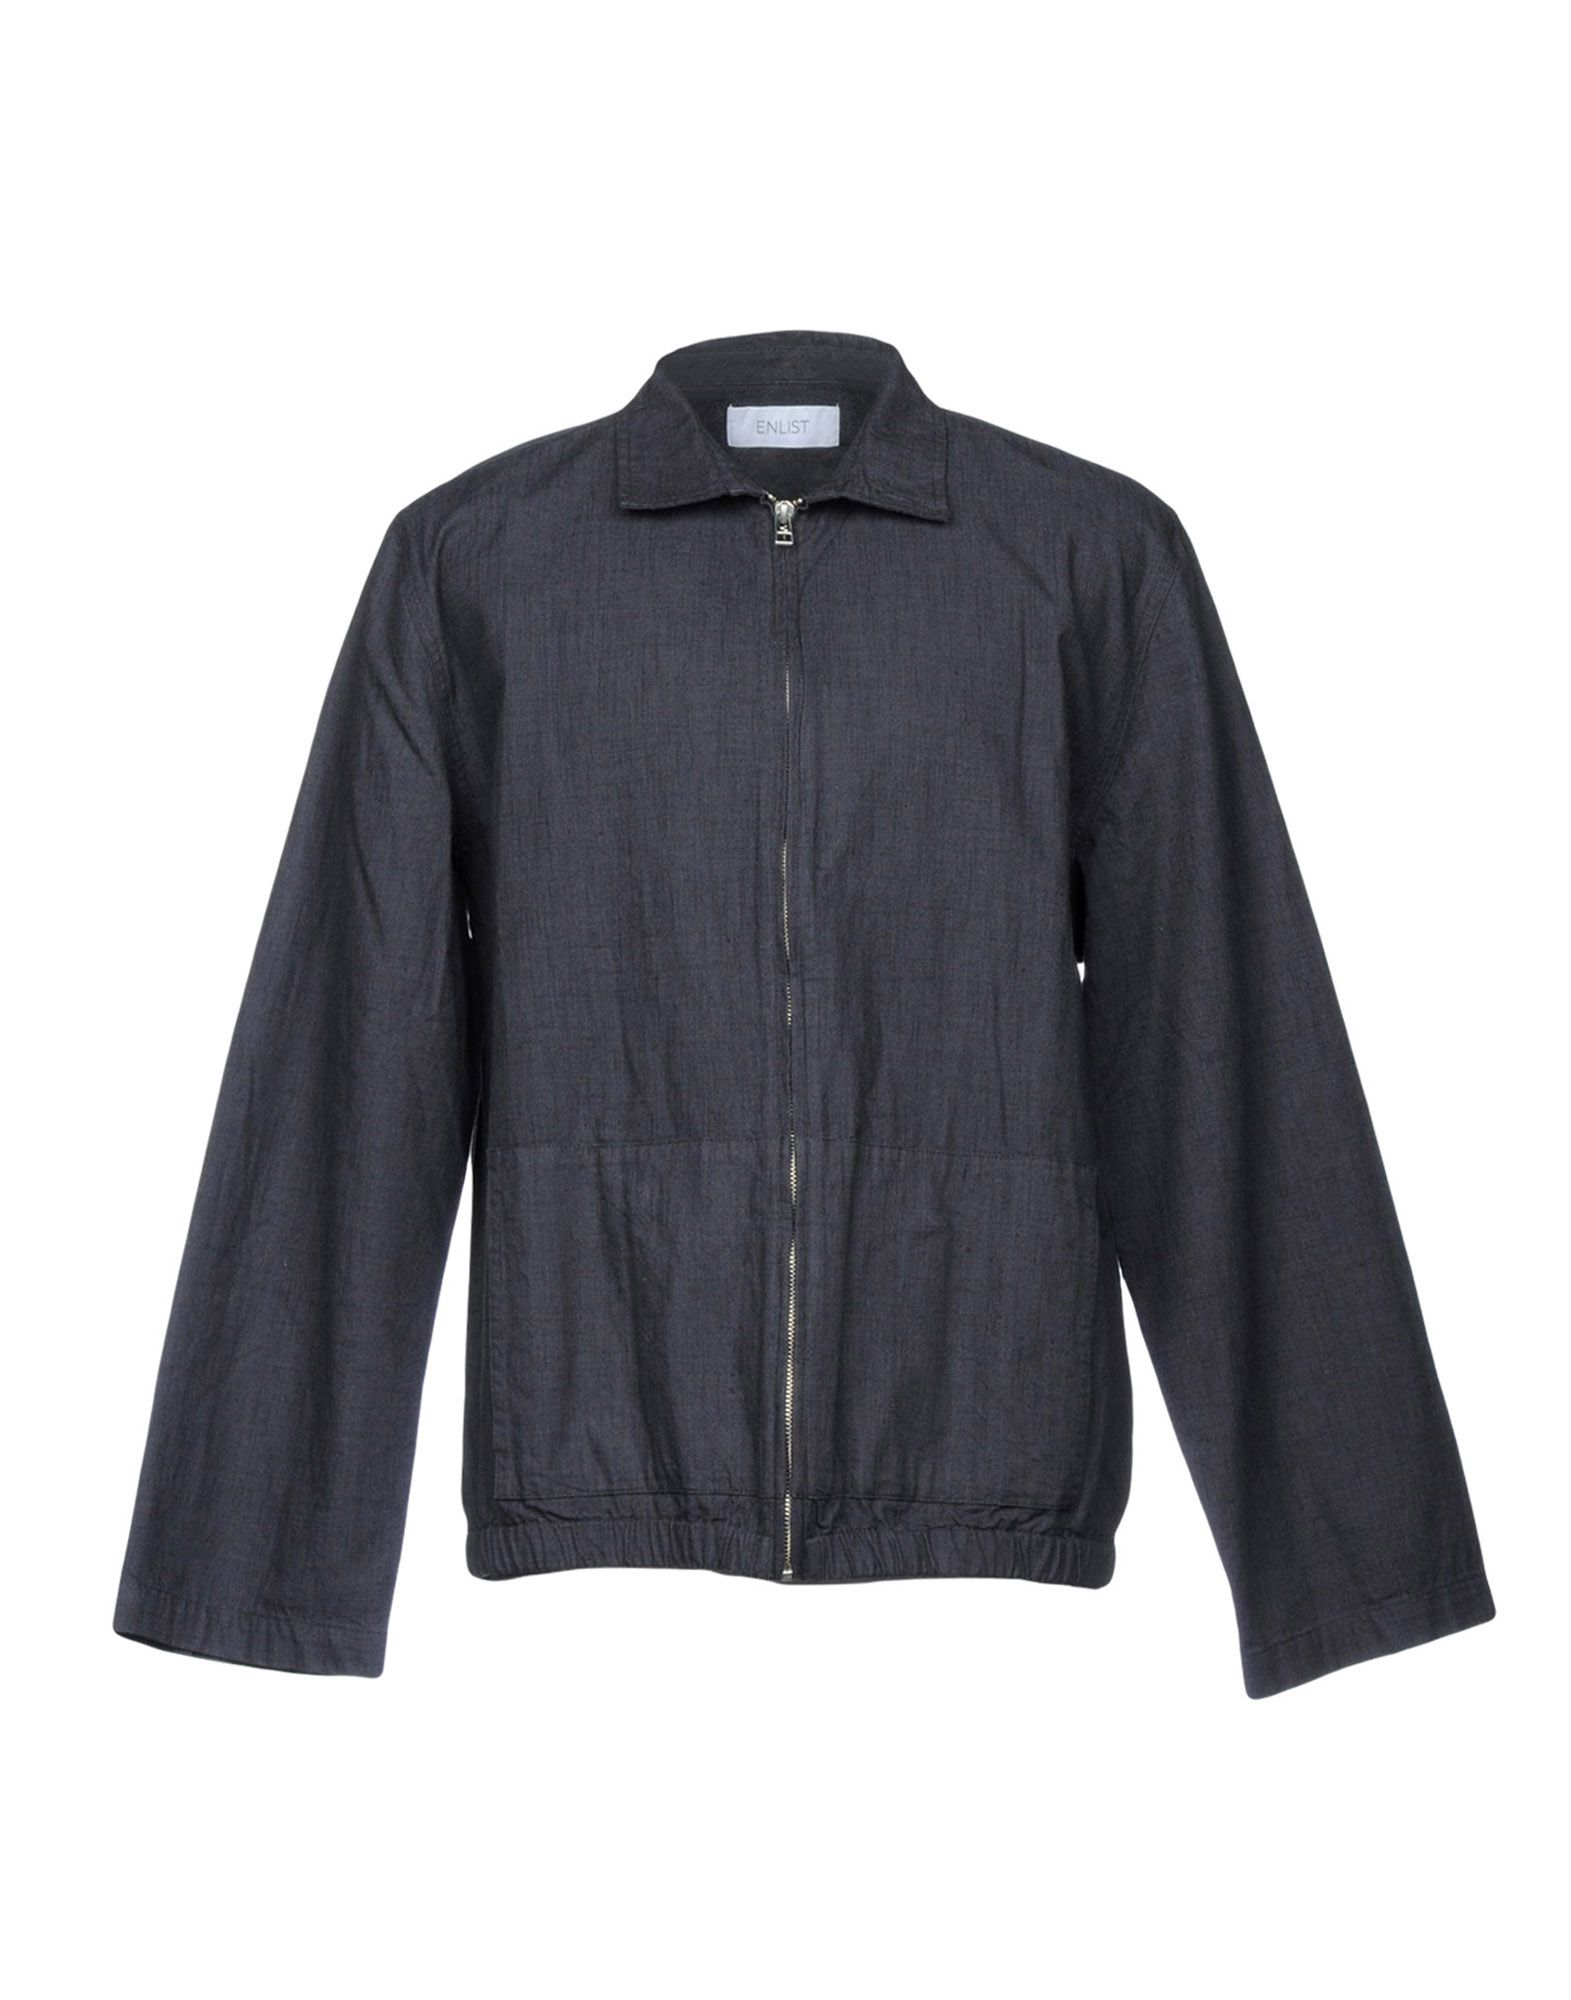 ENLIST Jacket in Dark Blue